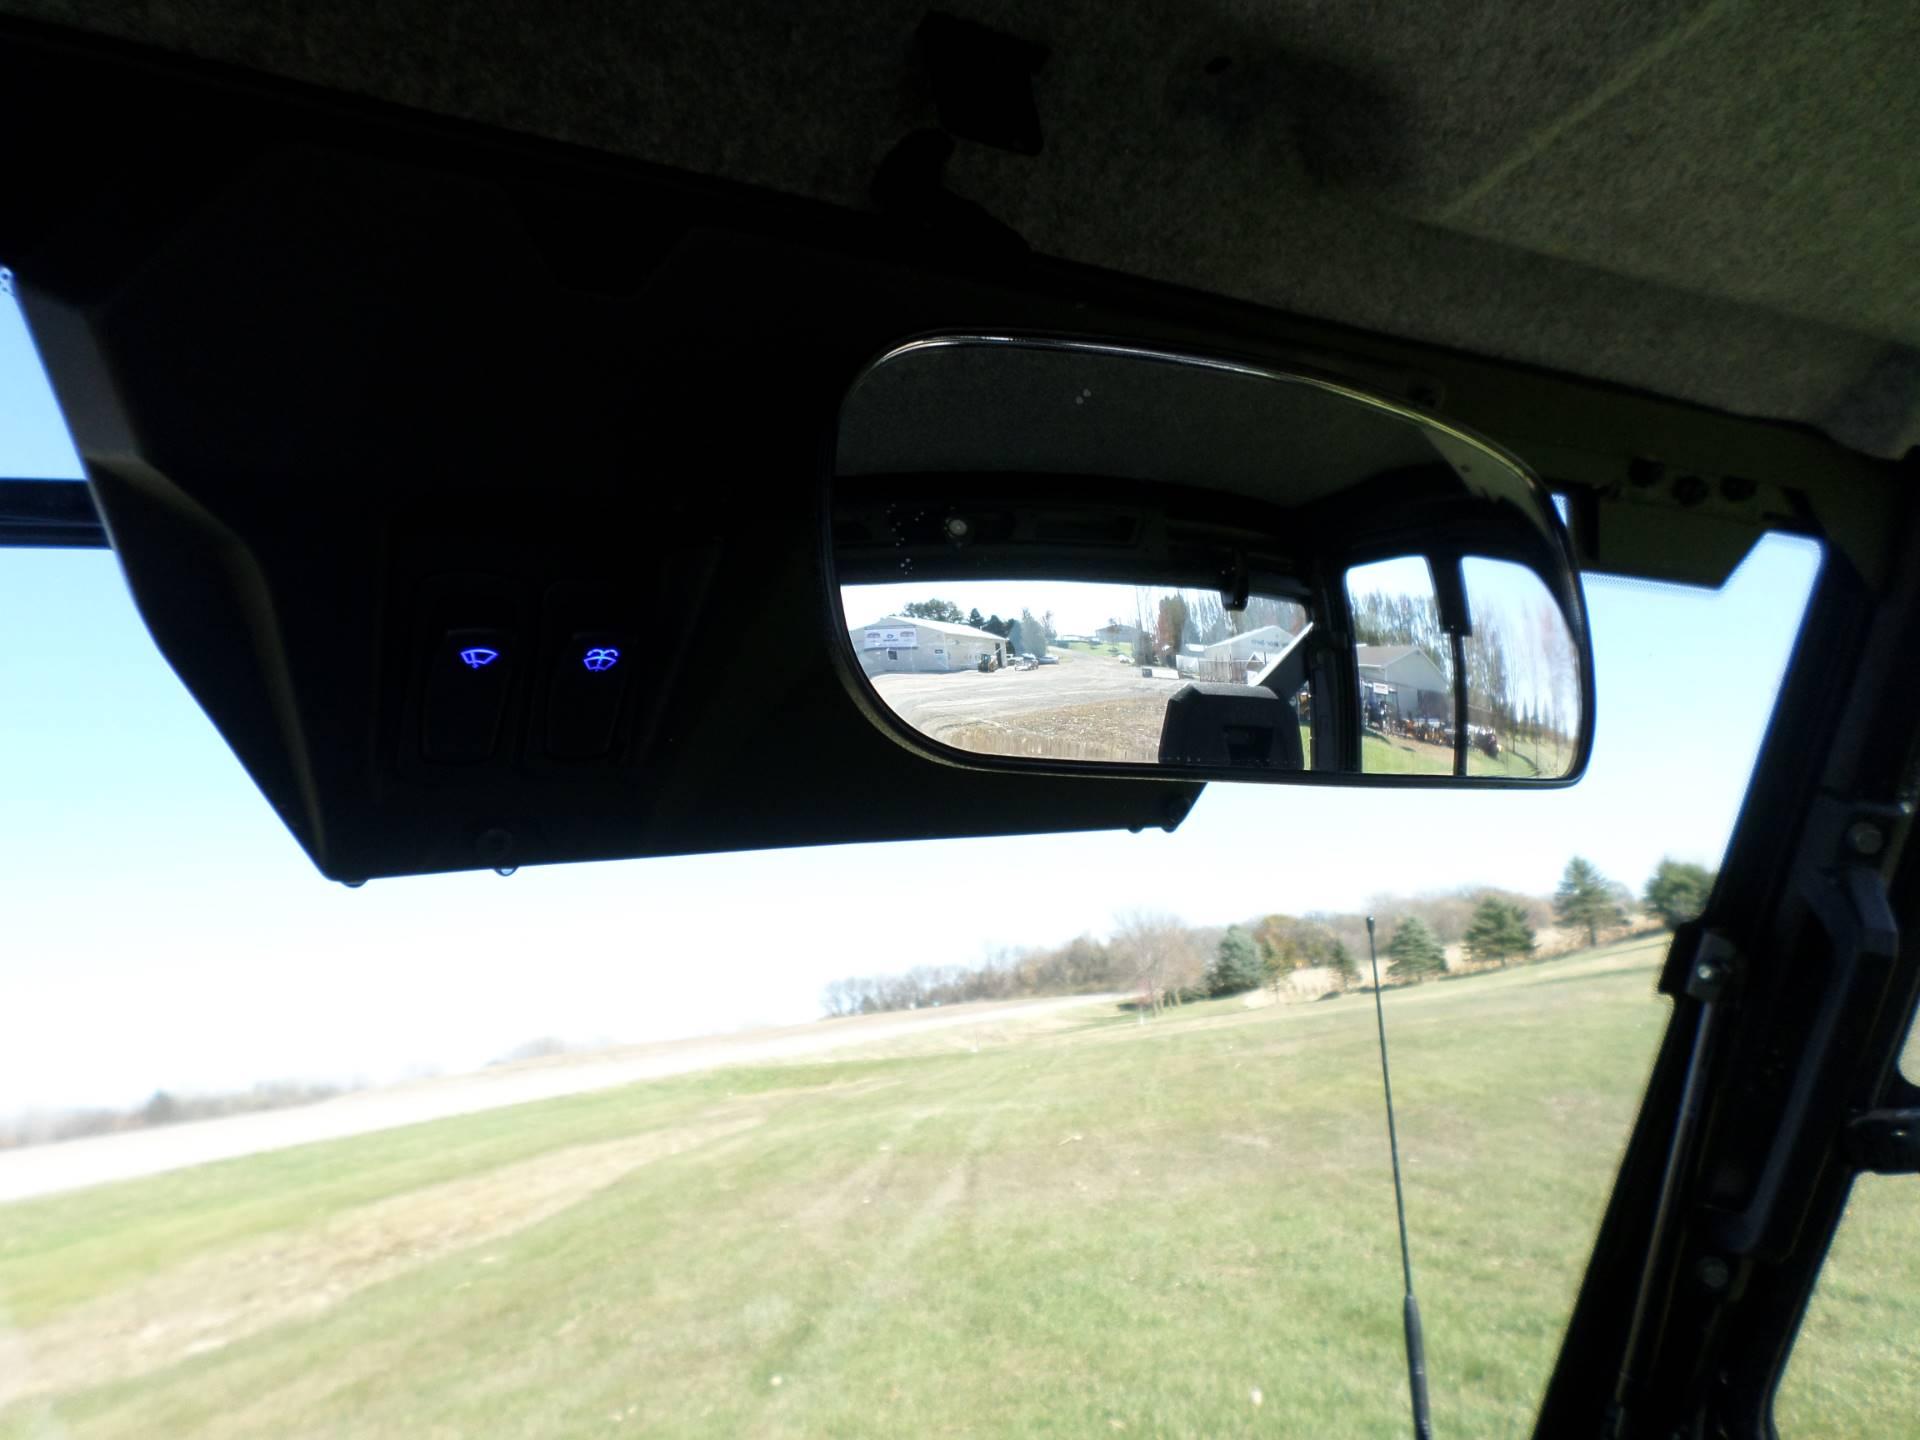 2019 Polaris Ranger XP 1000 EPS Ride Command 9